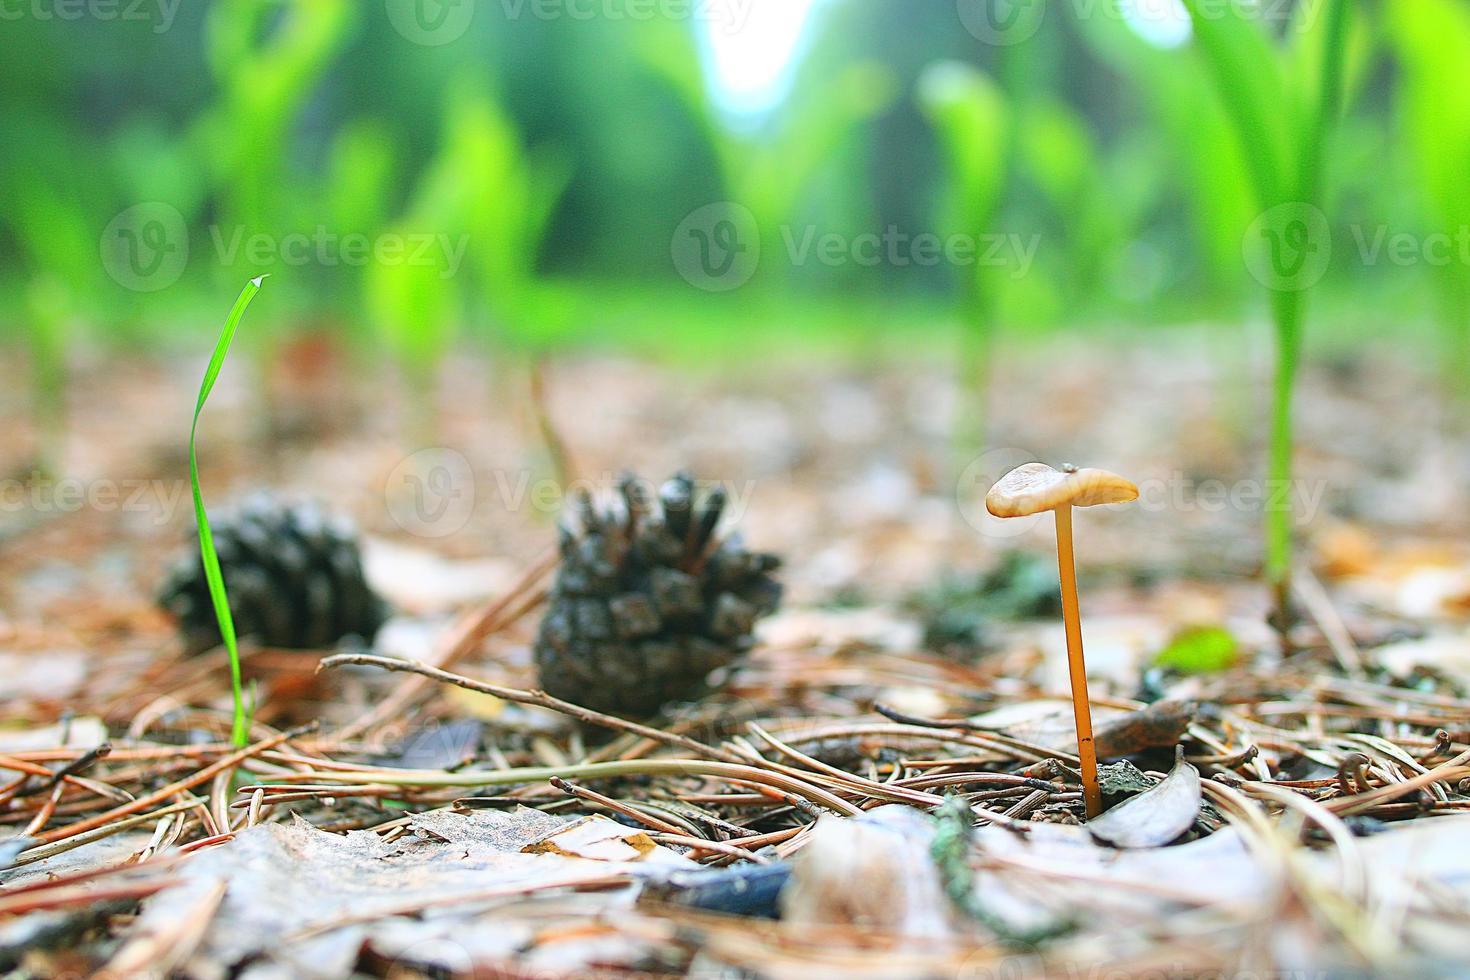 texture moss lichen macro mushroom photo